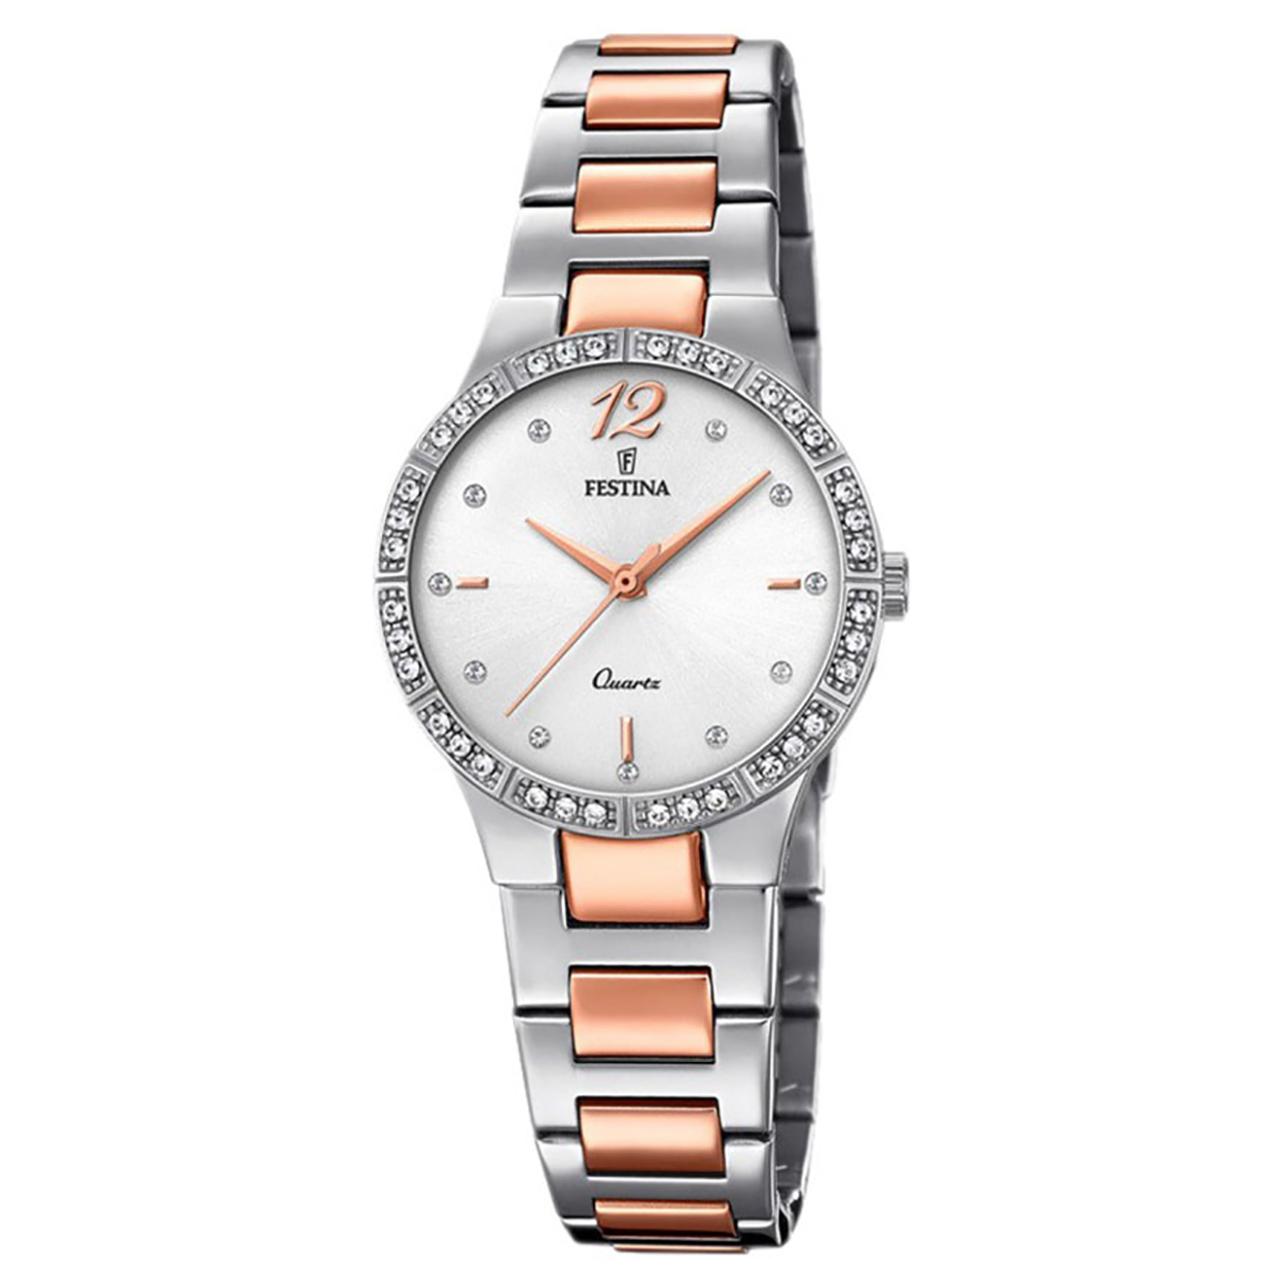 ساعت مچی عقربه ای زنانه فستینا مدل F20241/2 24